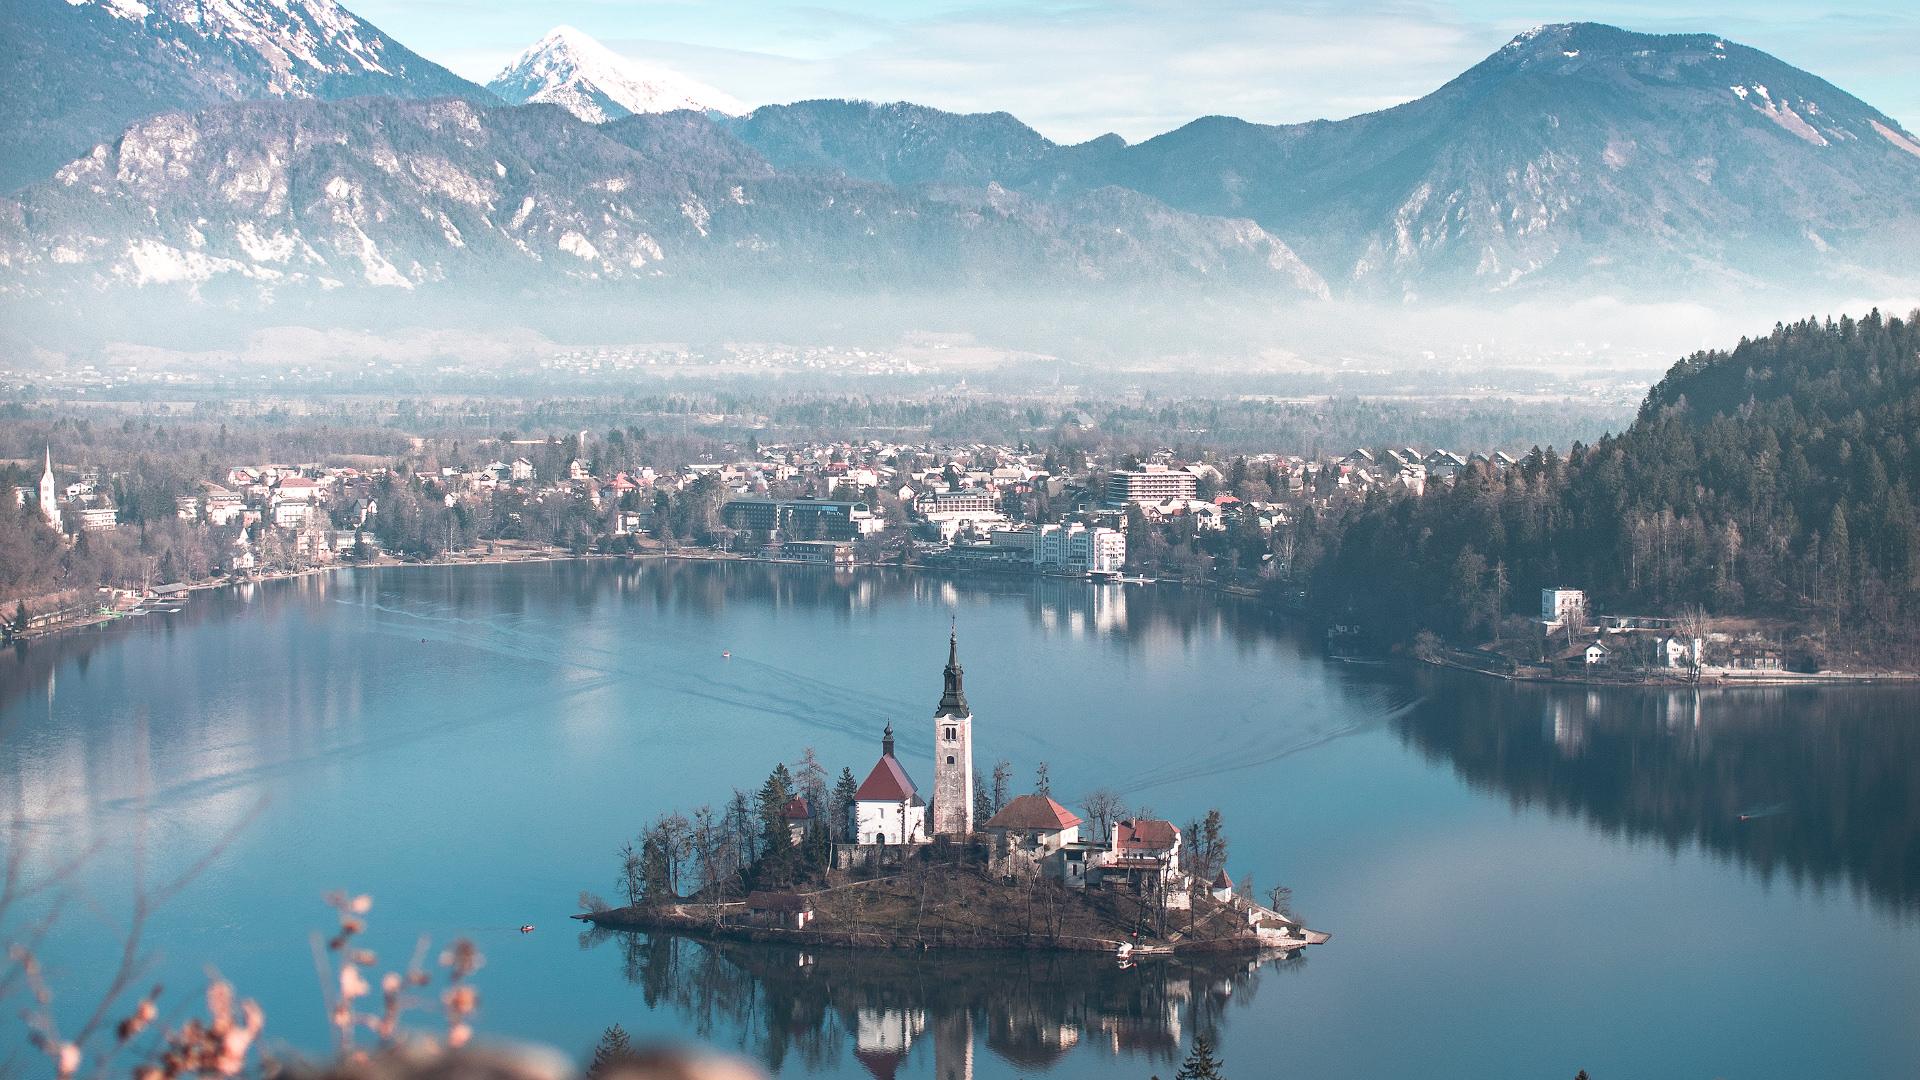 Avrupa'nın Keşfedilmemiş Ülkesi Slovenya